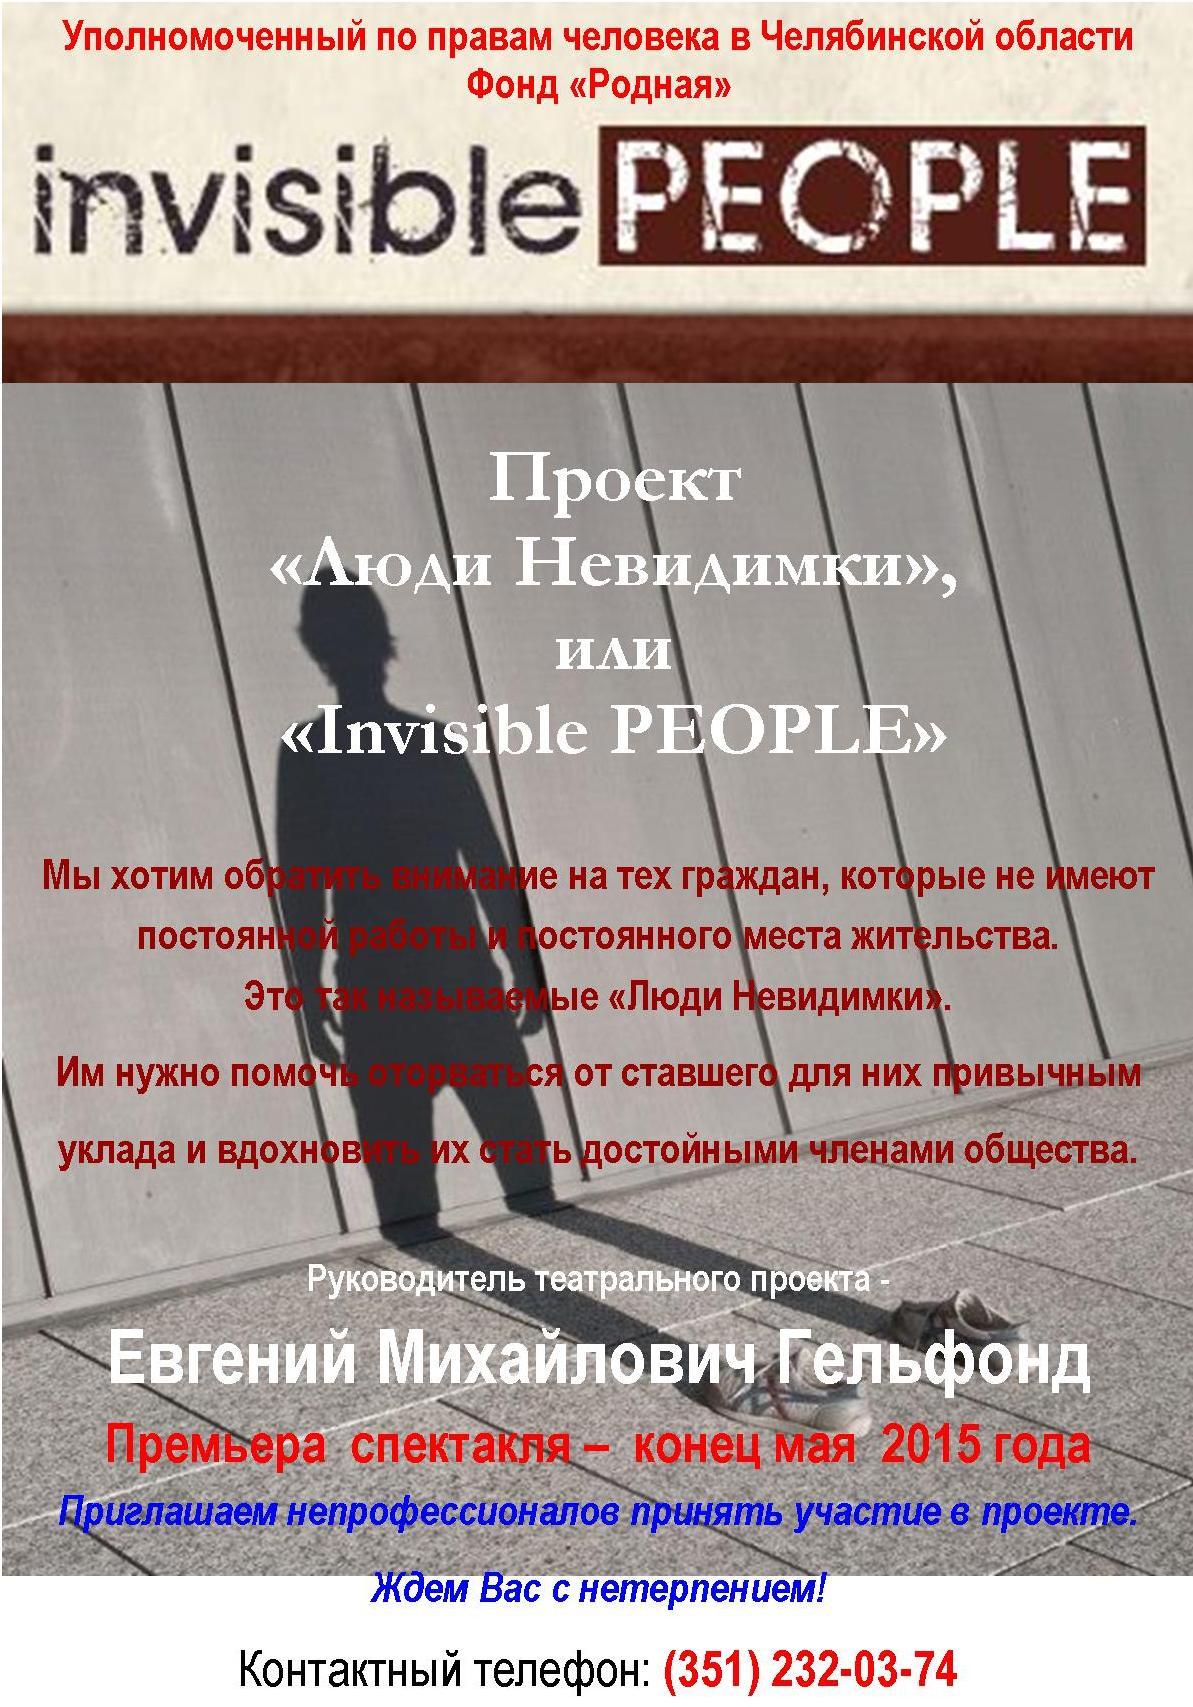 Как сообщил агентству «Урал-пресс-информ» Алексей Севастьянов, сегодня в Челябинской области имее